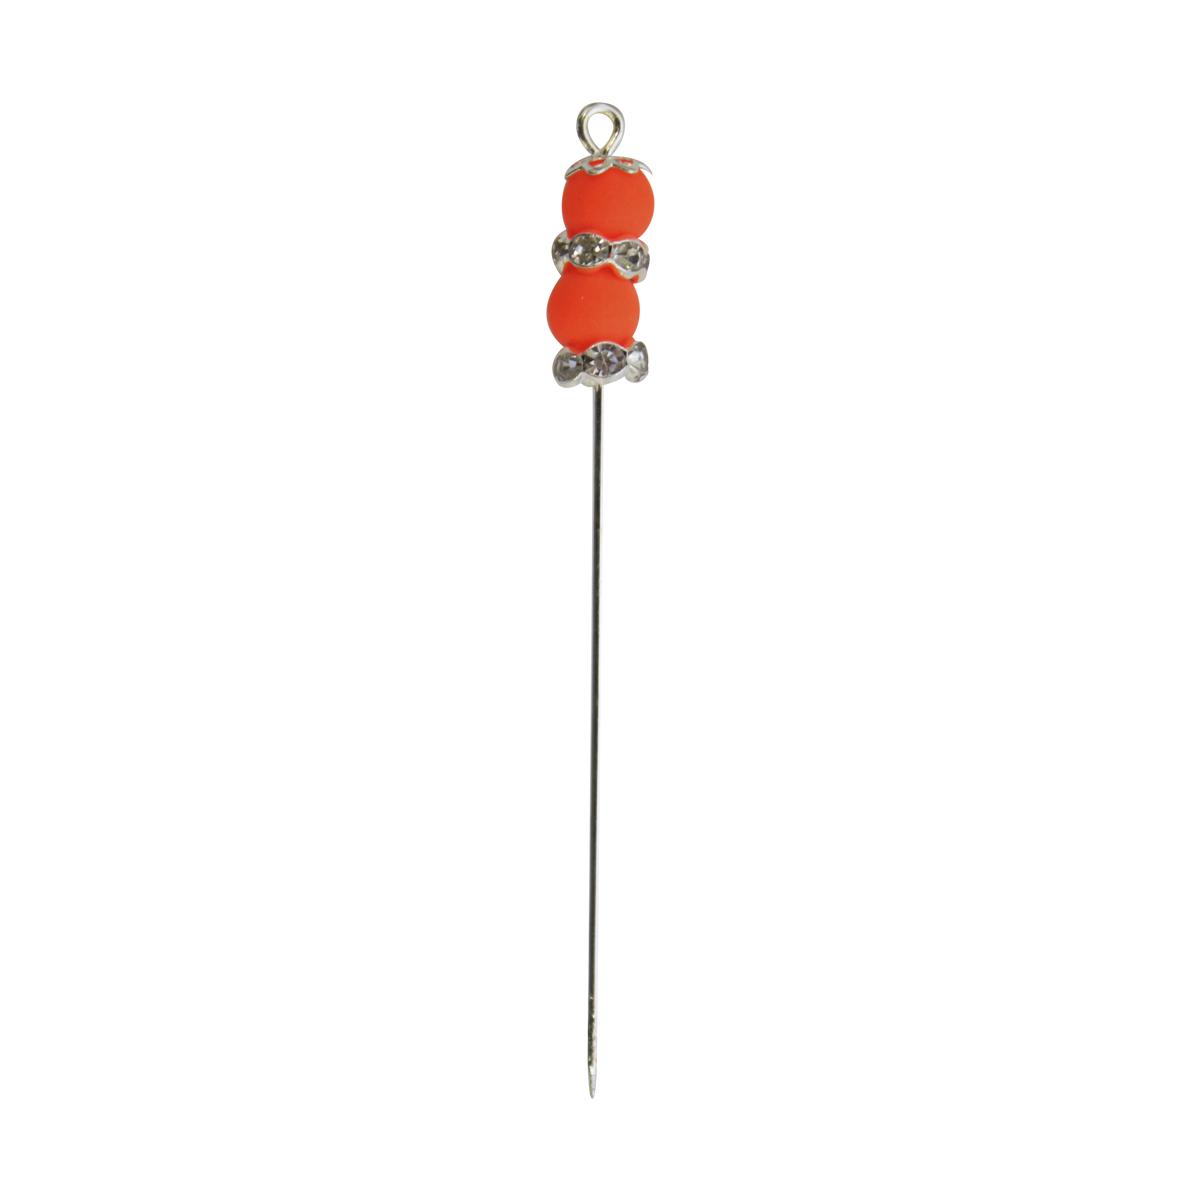 Булавки декоративные Астра с бусинами, 4 шт. HR27327714206Булавки используются для творчества и декорирования. В упаковке 6 булавочек.